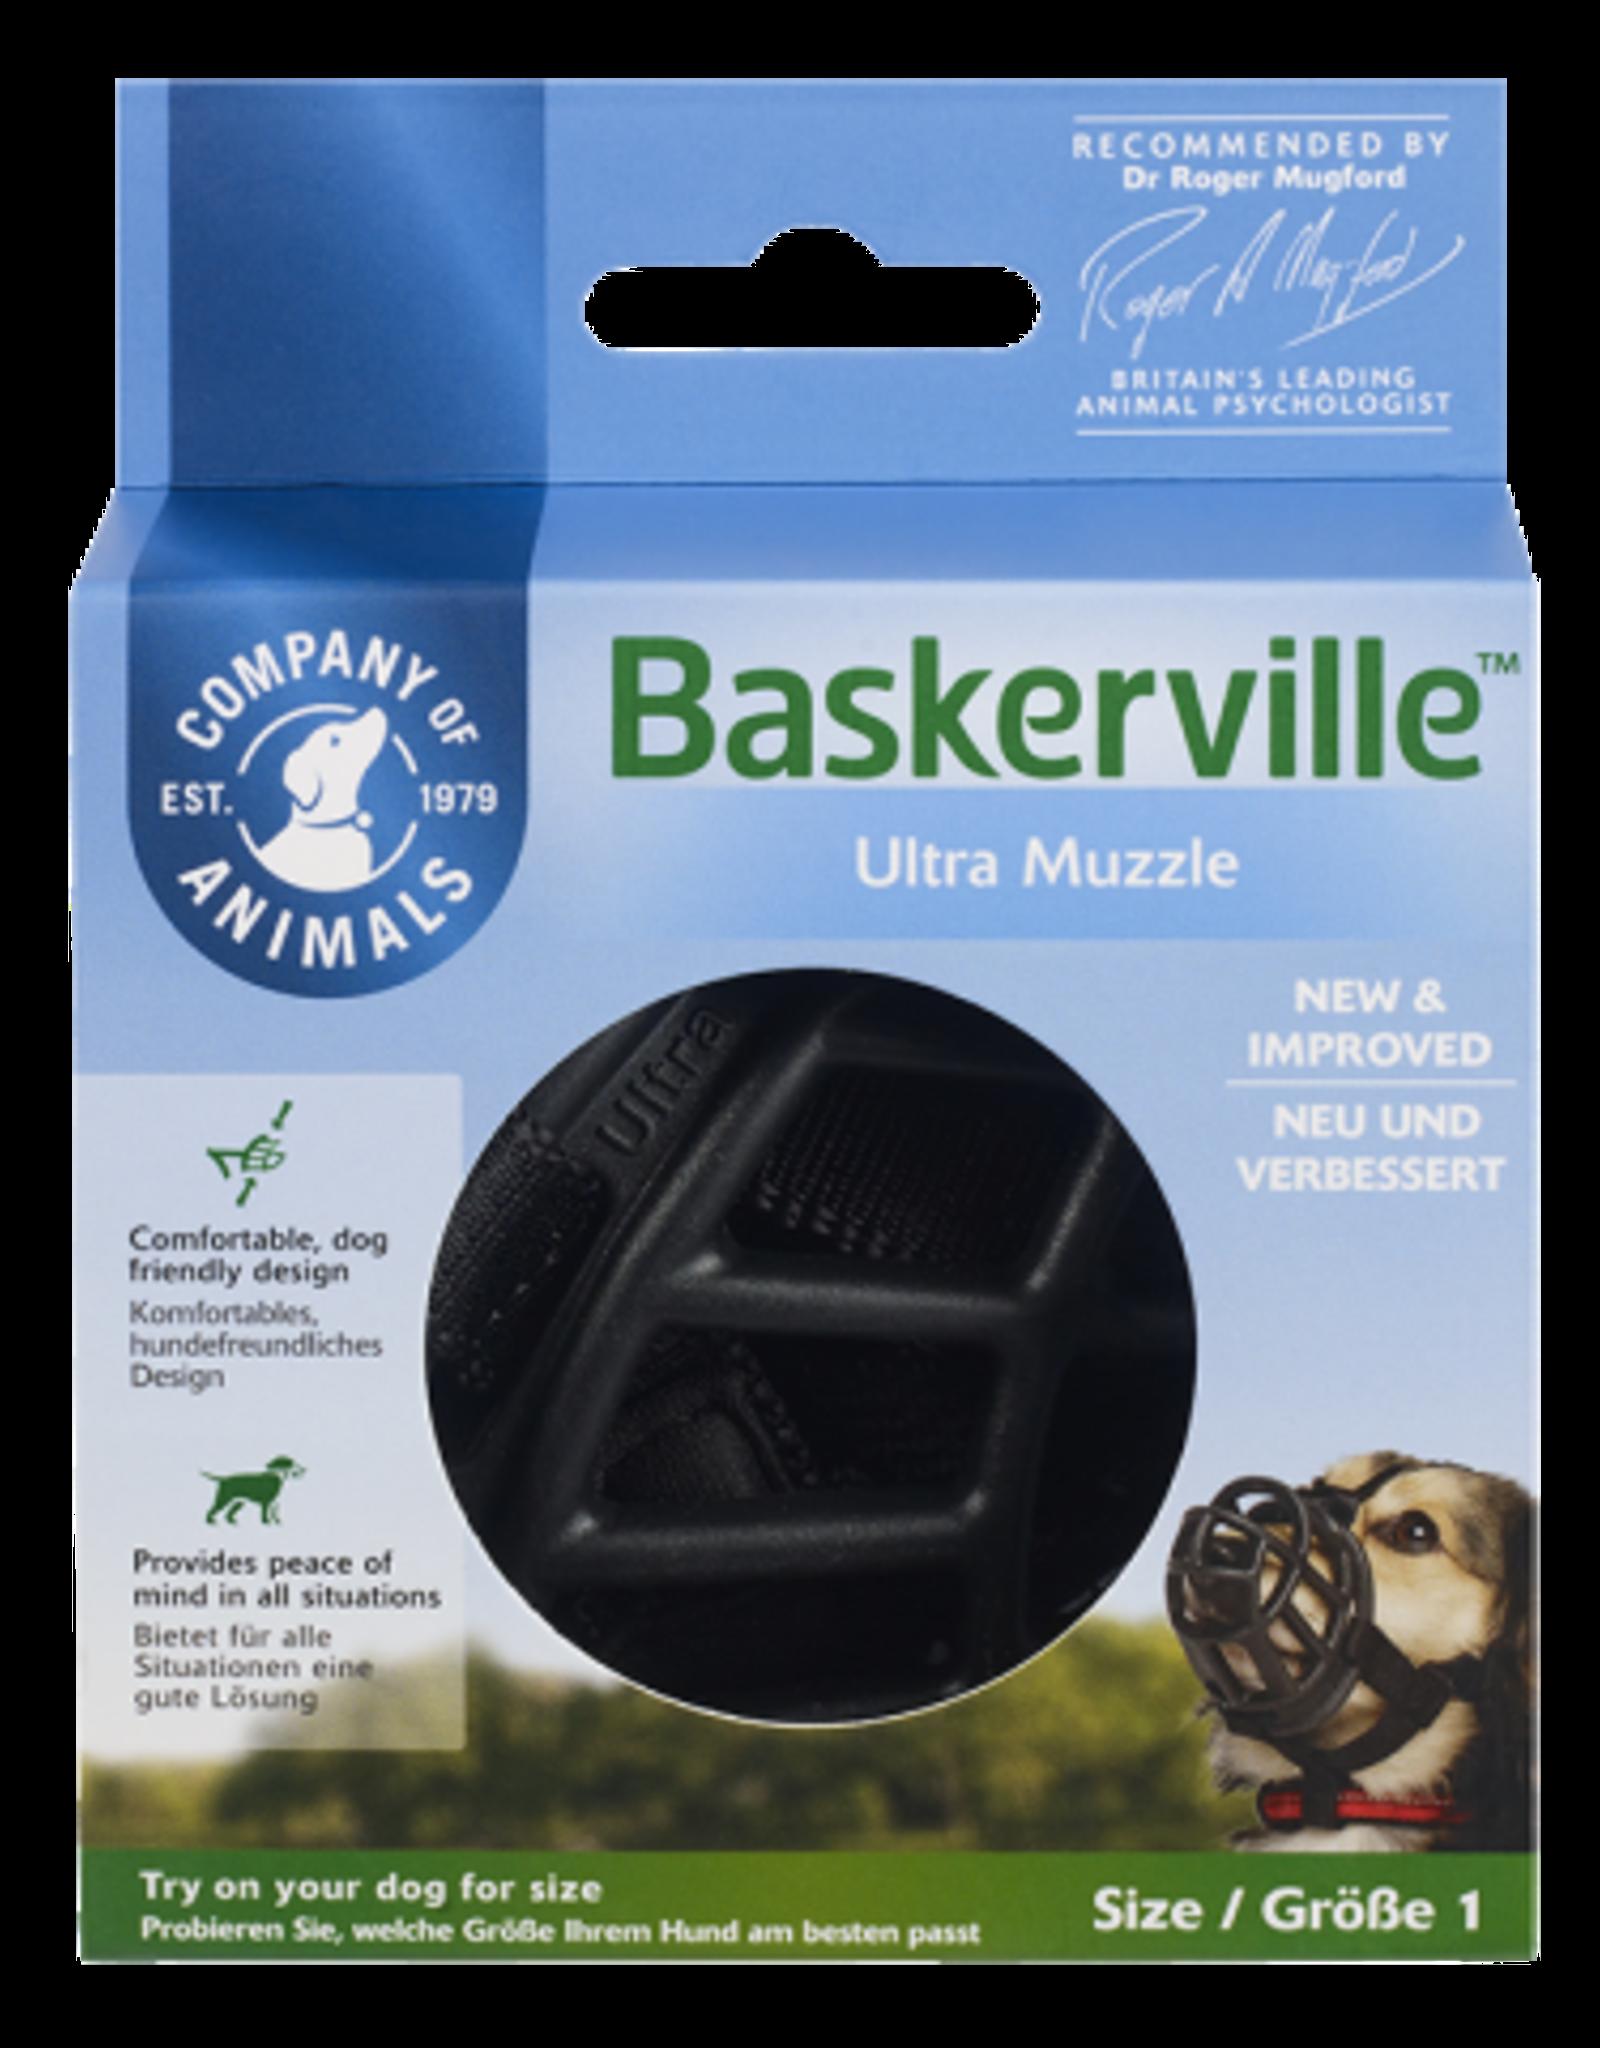 Baskerville Baskerville Muzzles